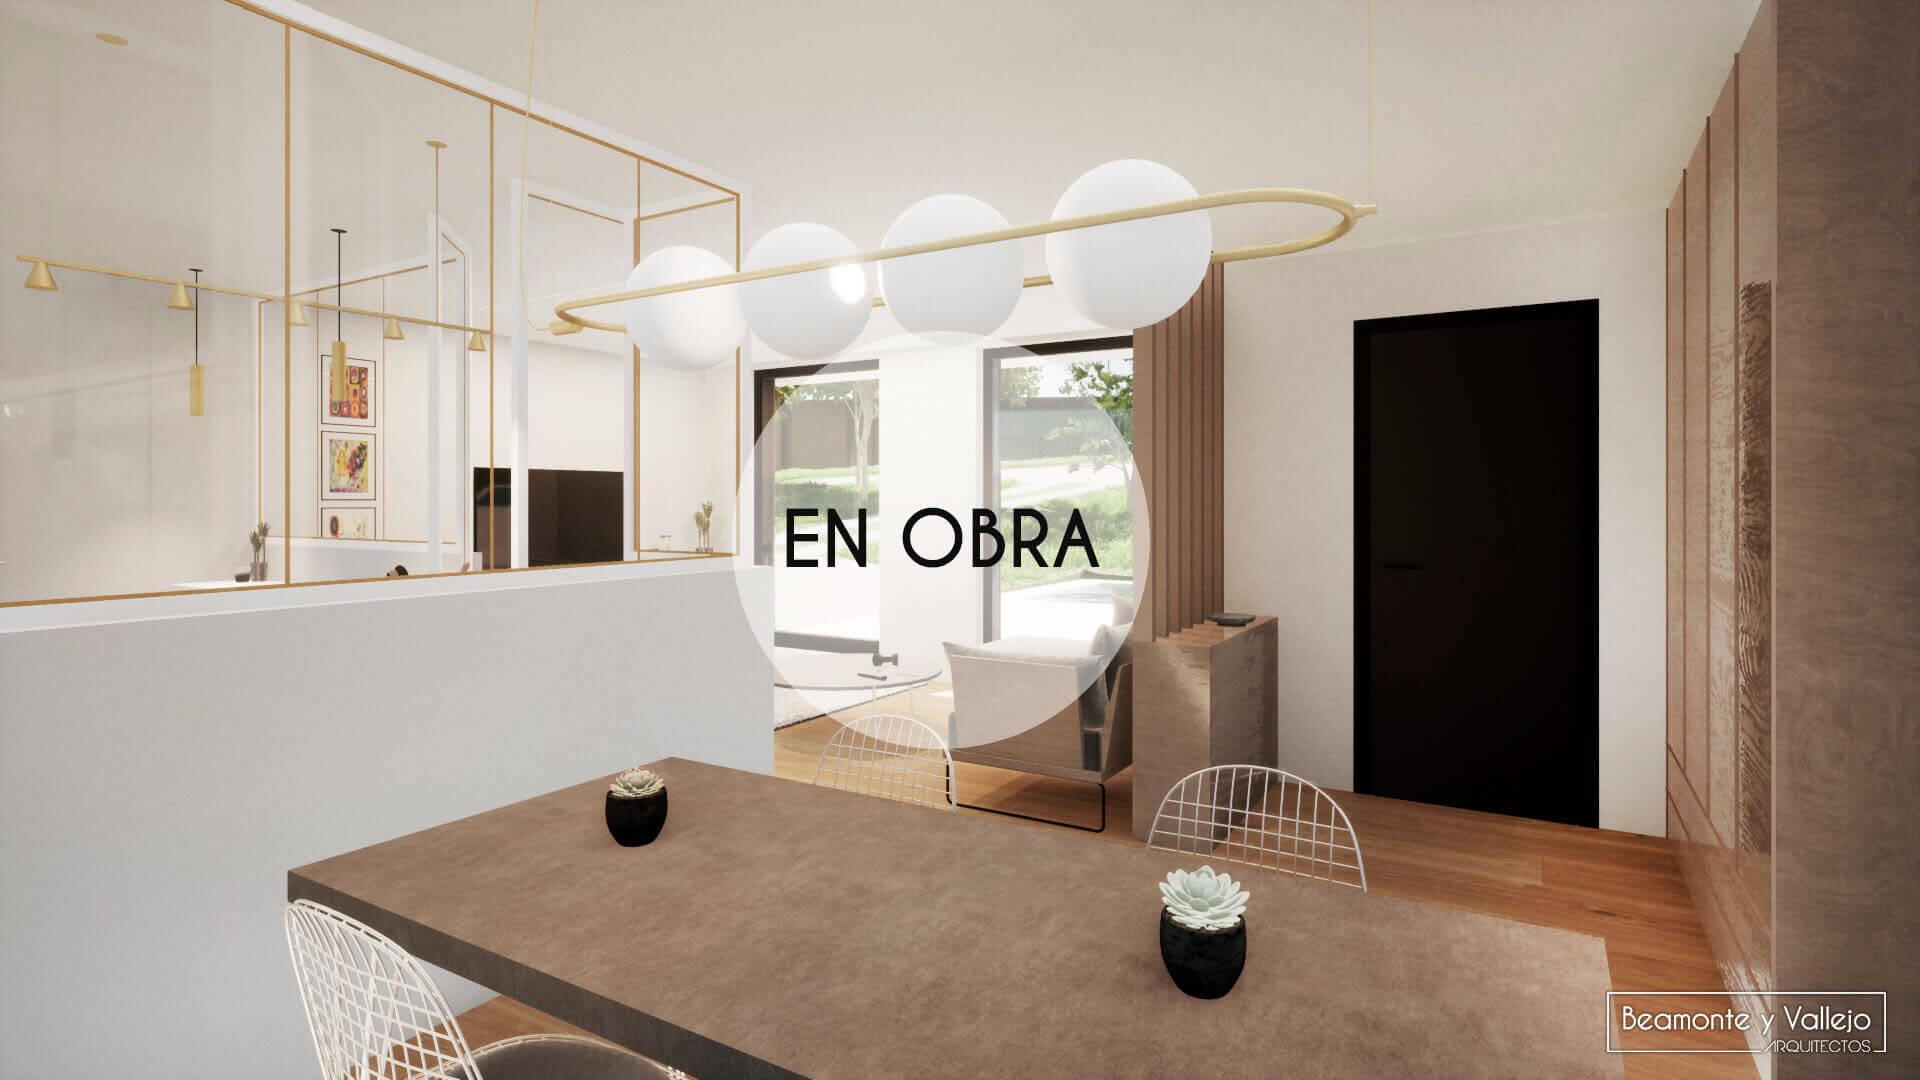 Beamonte y Vallejo arquitectos - Vivienda Jaca en obra - 7